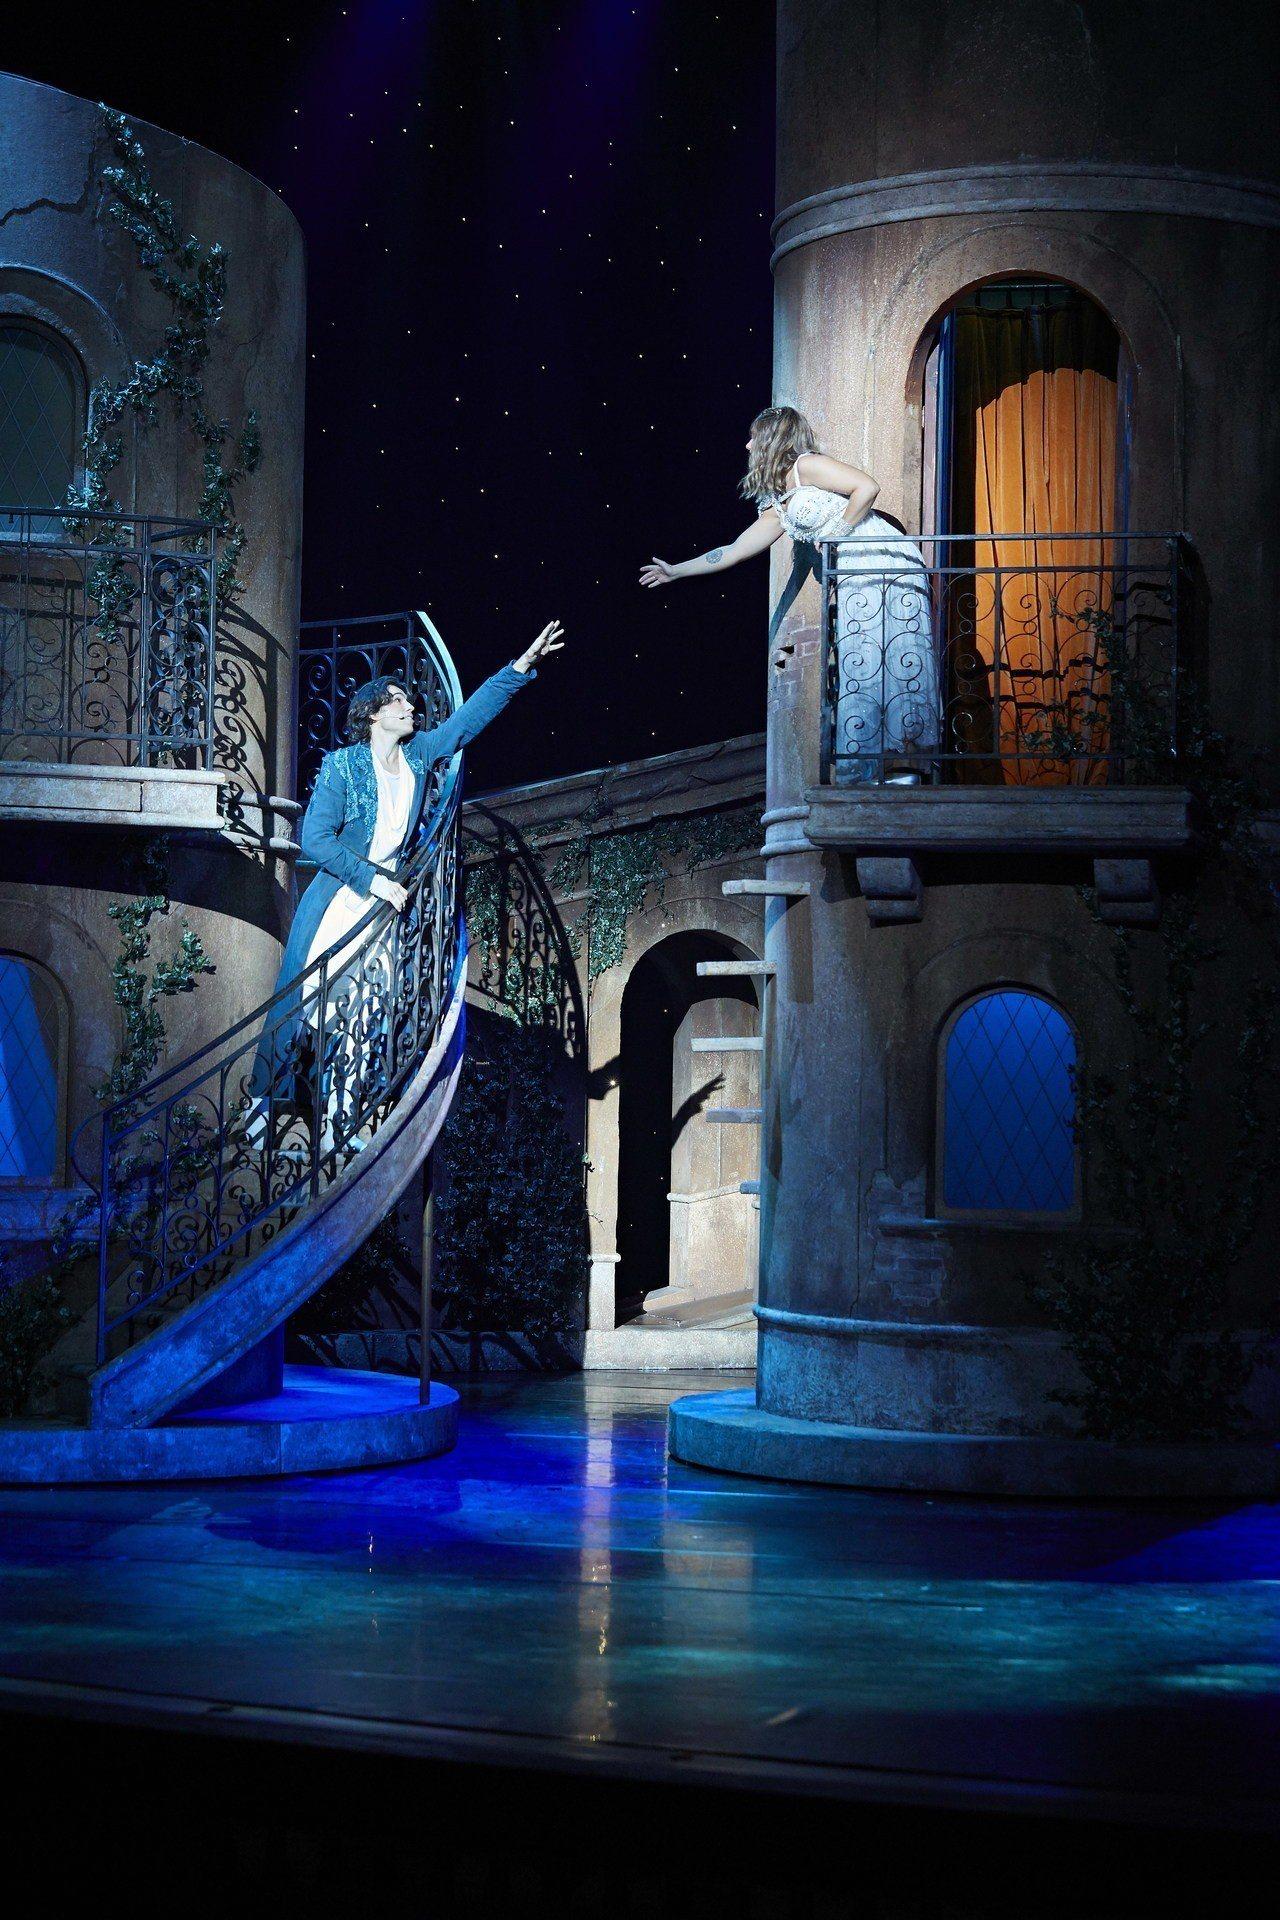 法國音樂劇《羅密歐與茱麗葉》。圖為舞會後,羅密歐闖入卡布雷特伯爵家,在茱麗葉的陽...